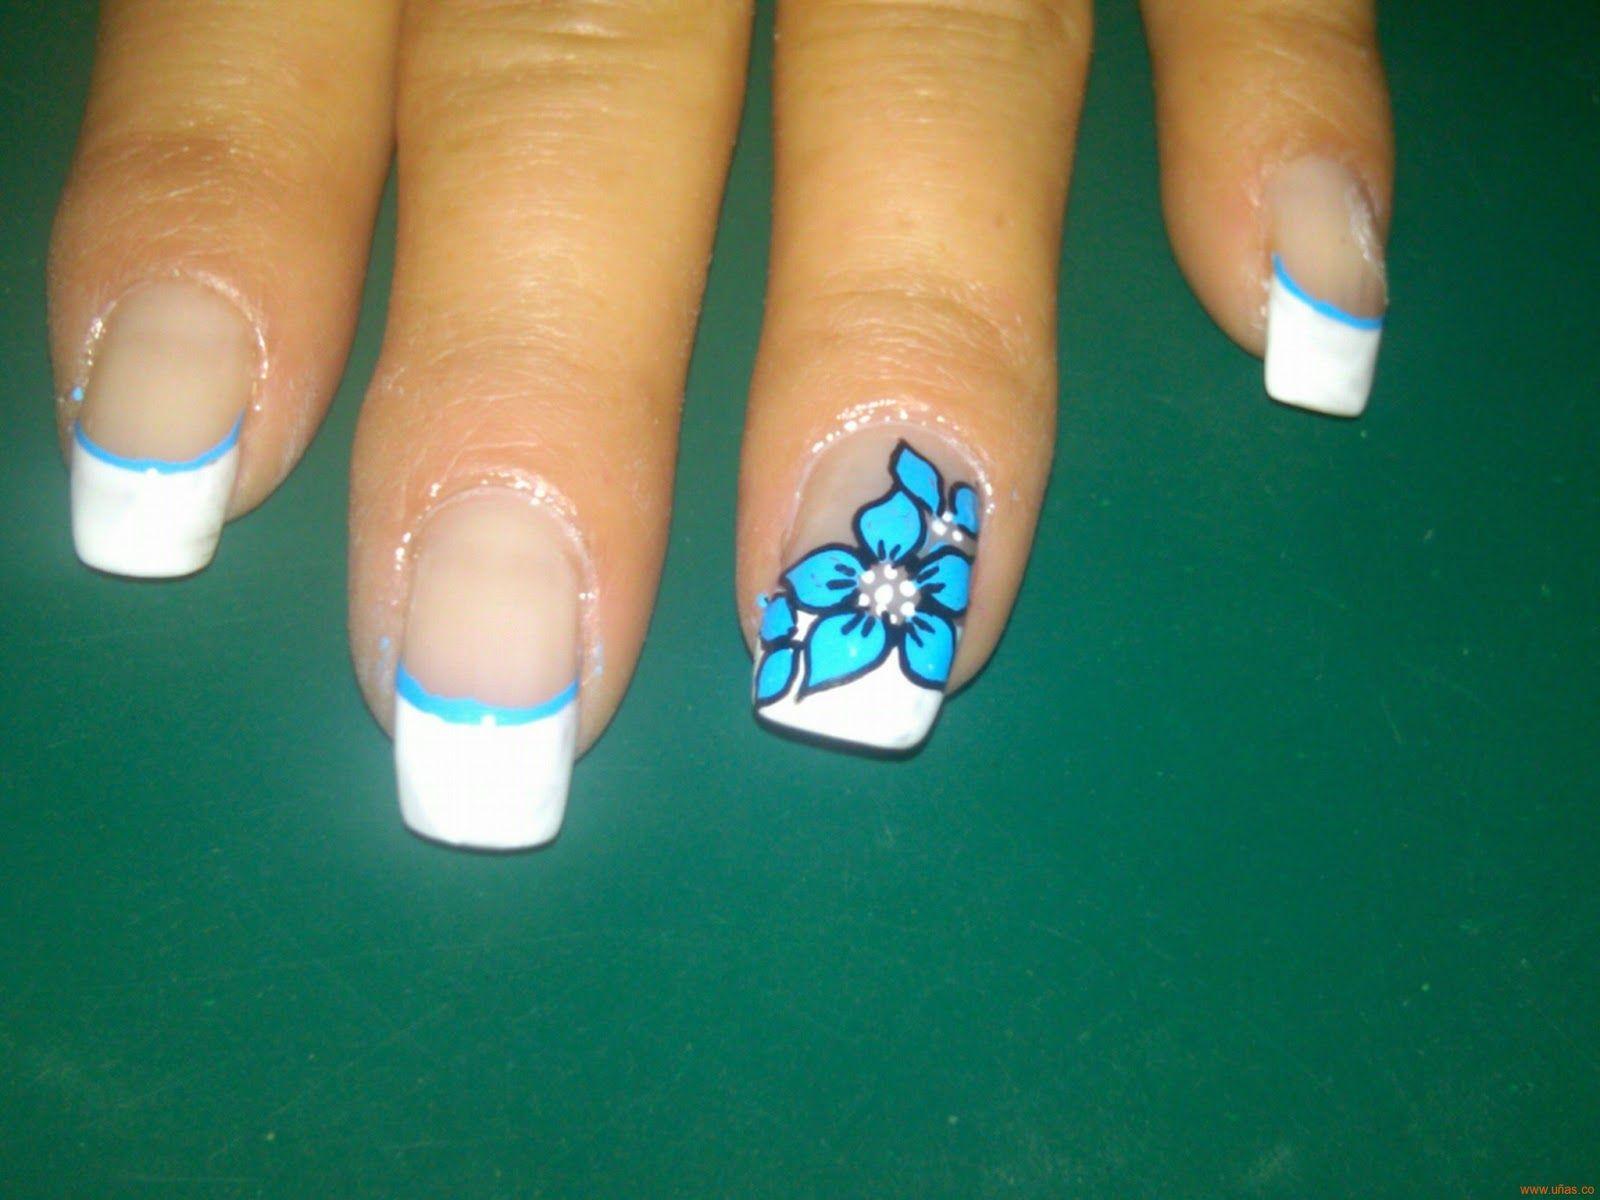 Imagenes de uñas decoradas, diseños y estilos de uñas | Diseño de ...